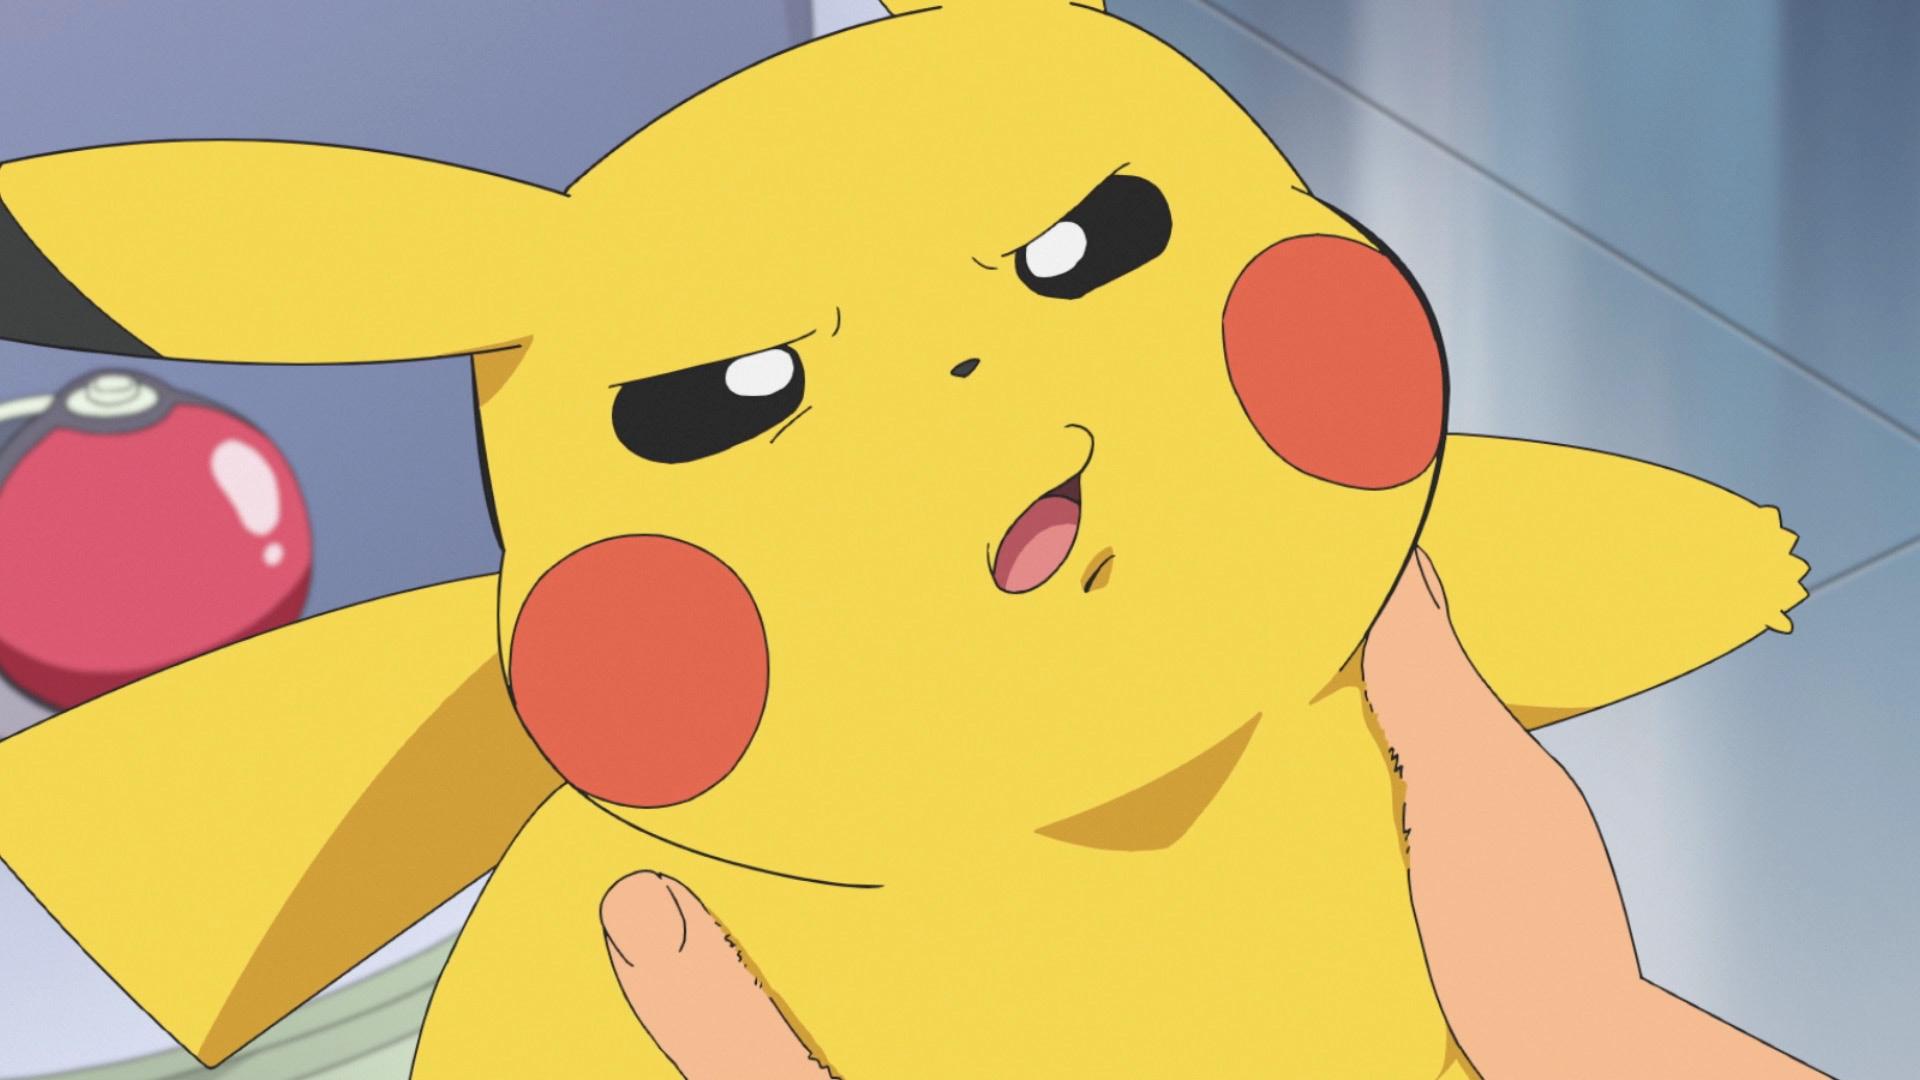 ポケットモンスター』新シリーズは11月17日(日)から! 第1話